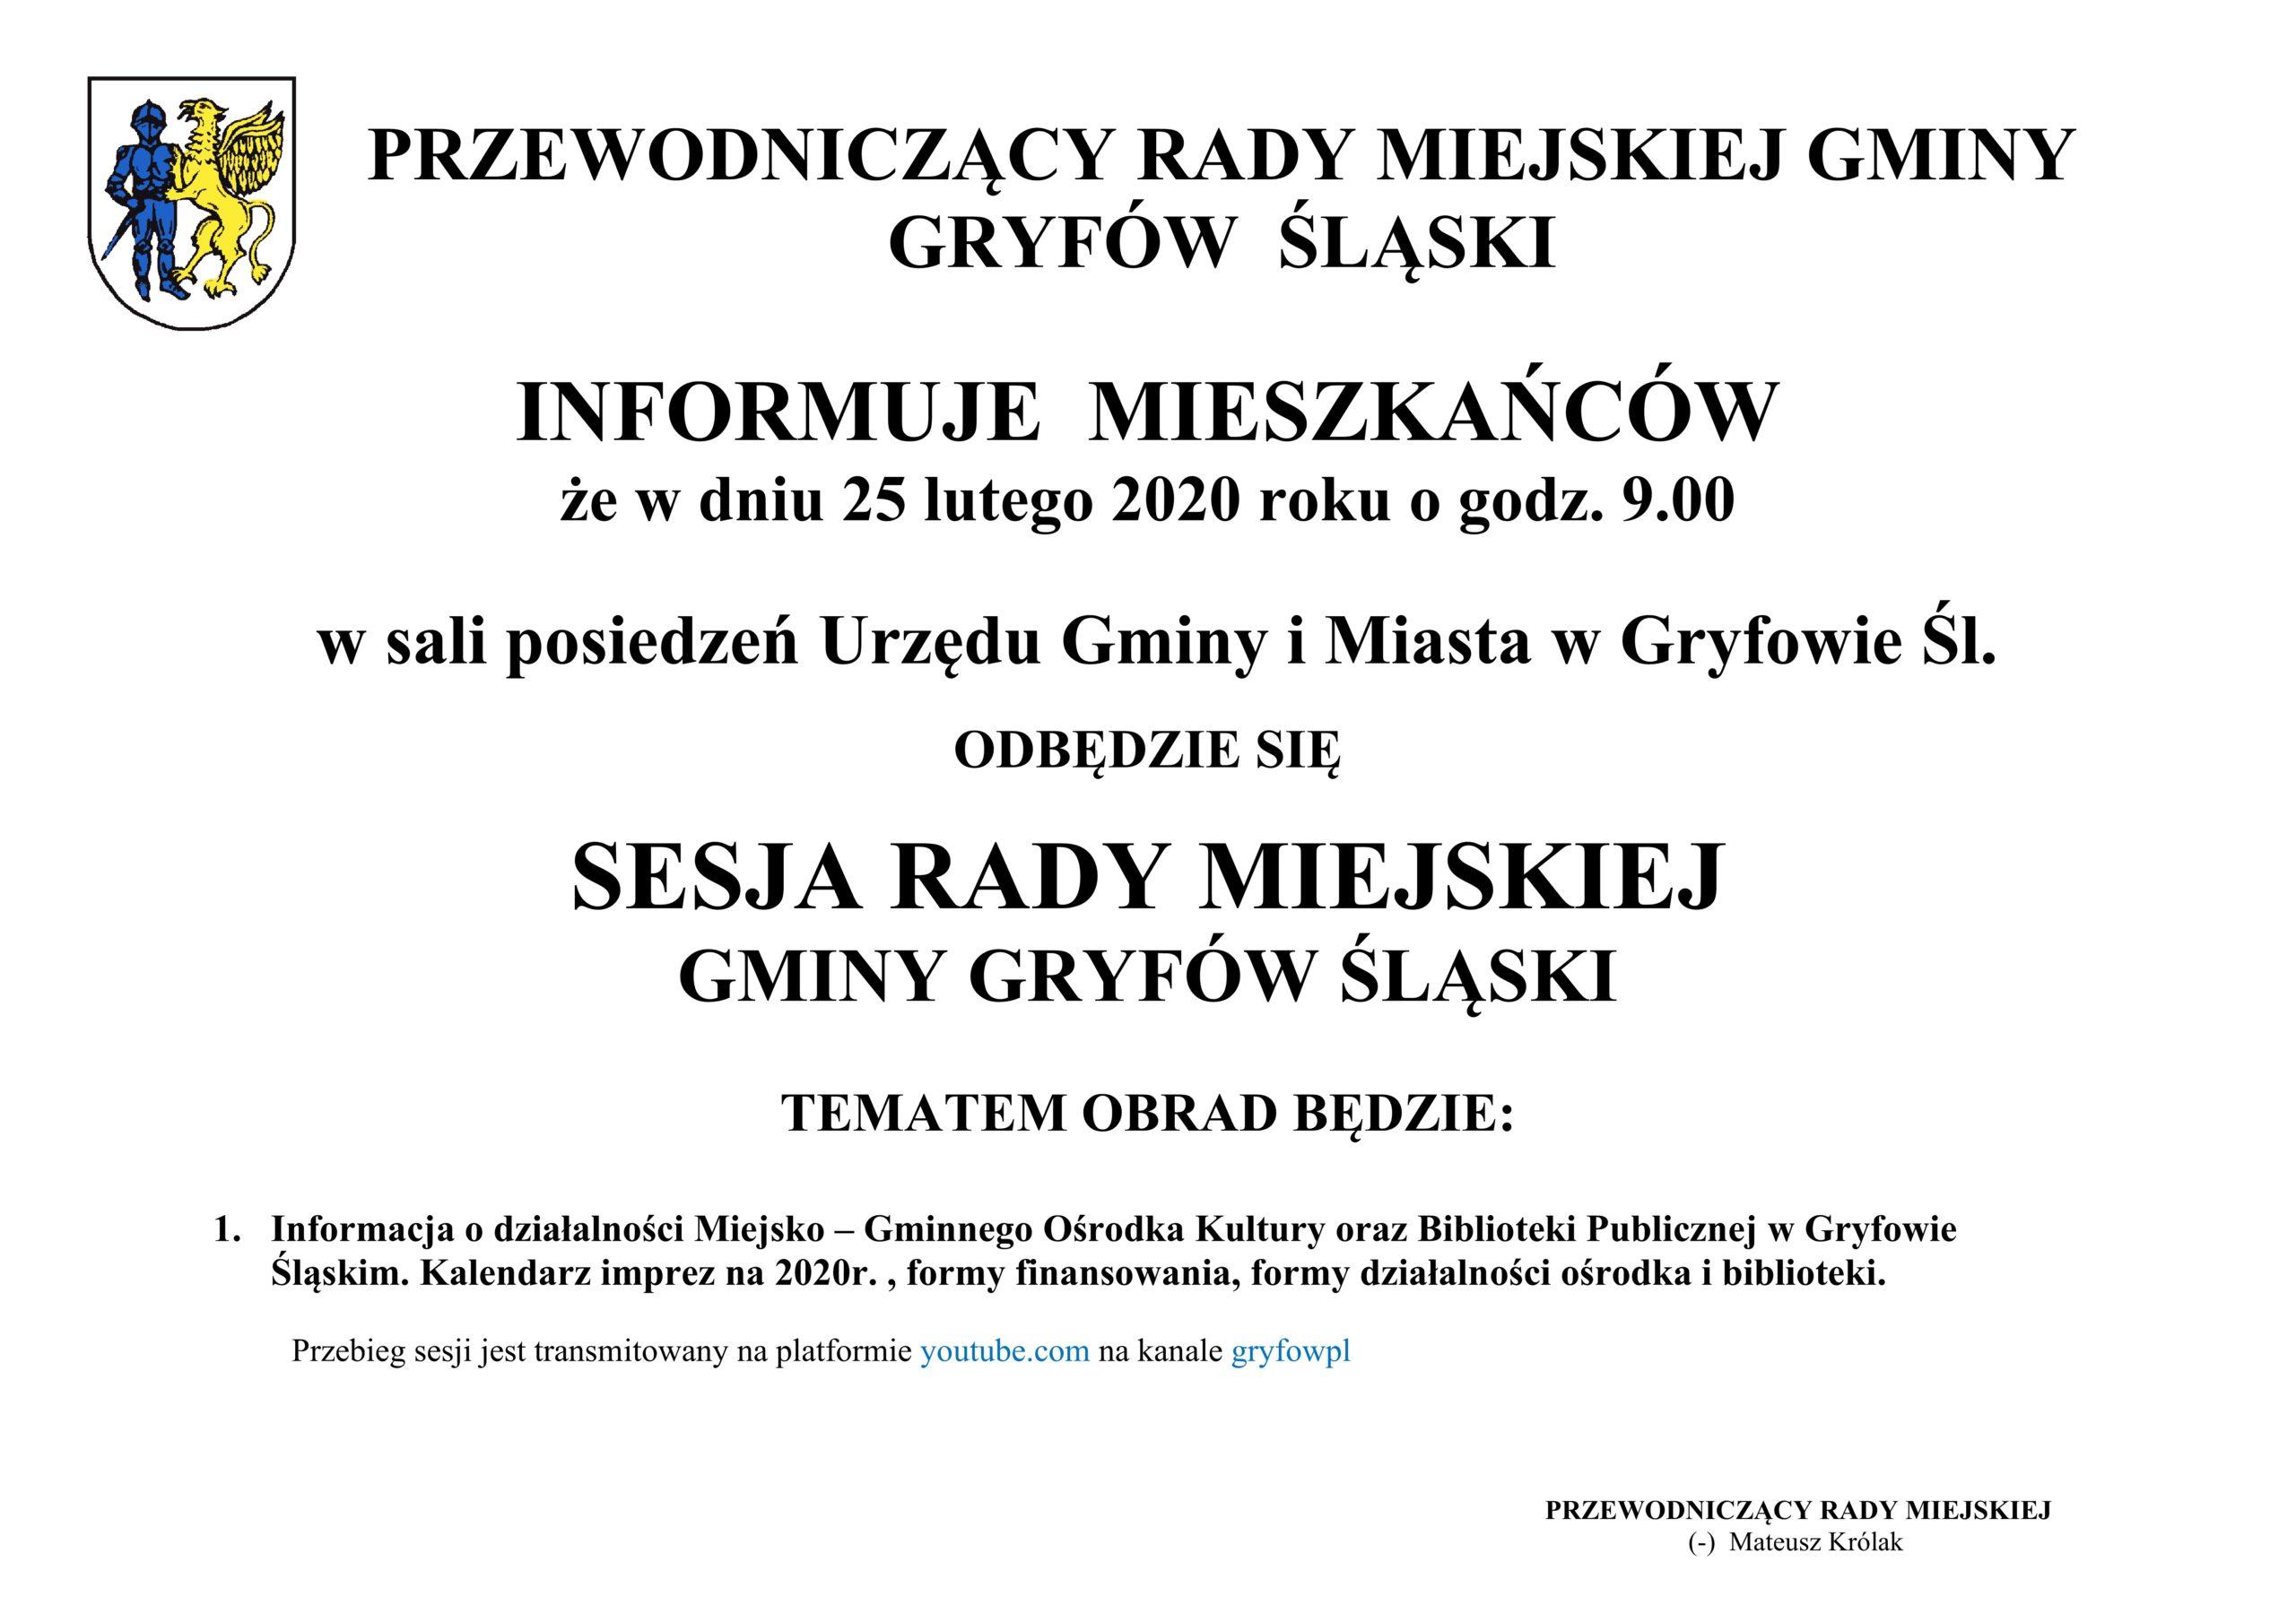 SESJA RADY MIEJSKIEJ GMINY GRYFÓW ŚLĄSKI.